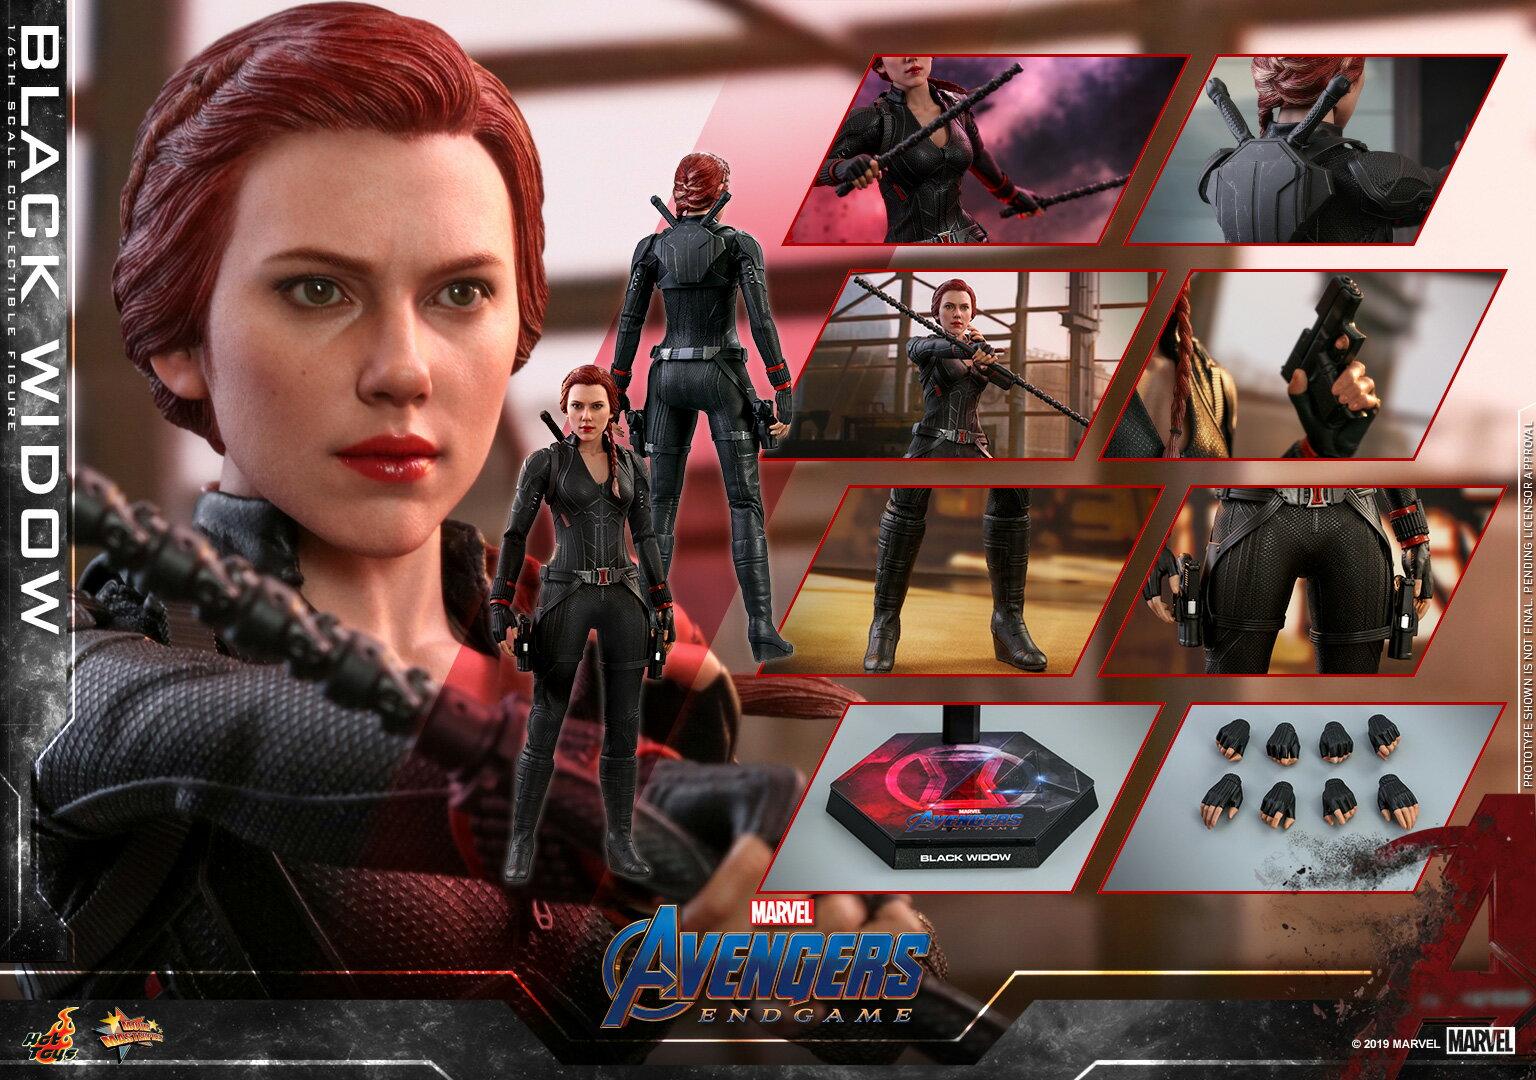 コレクション, フィギュア Hottoys MMS533 16 Avengers: Endgame - Black Widow